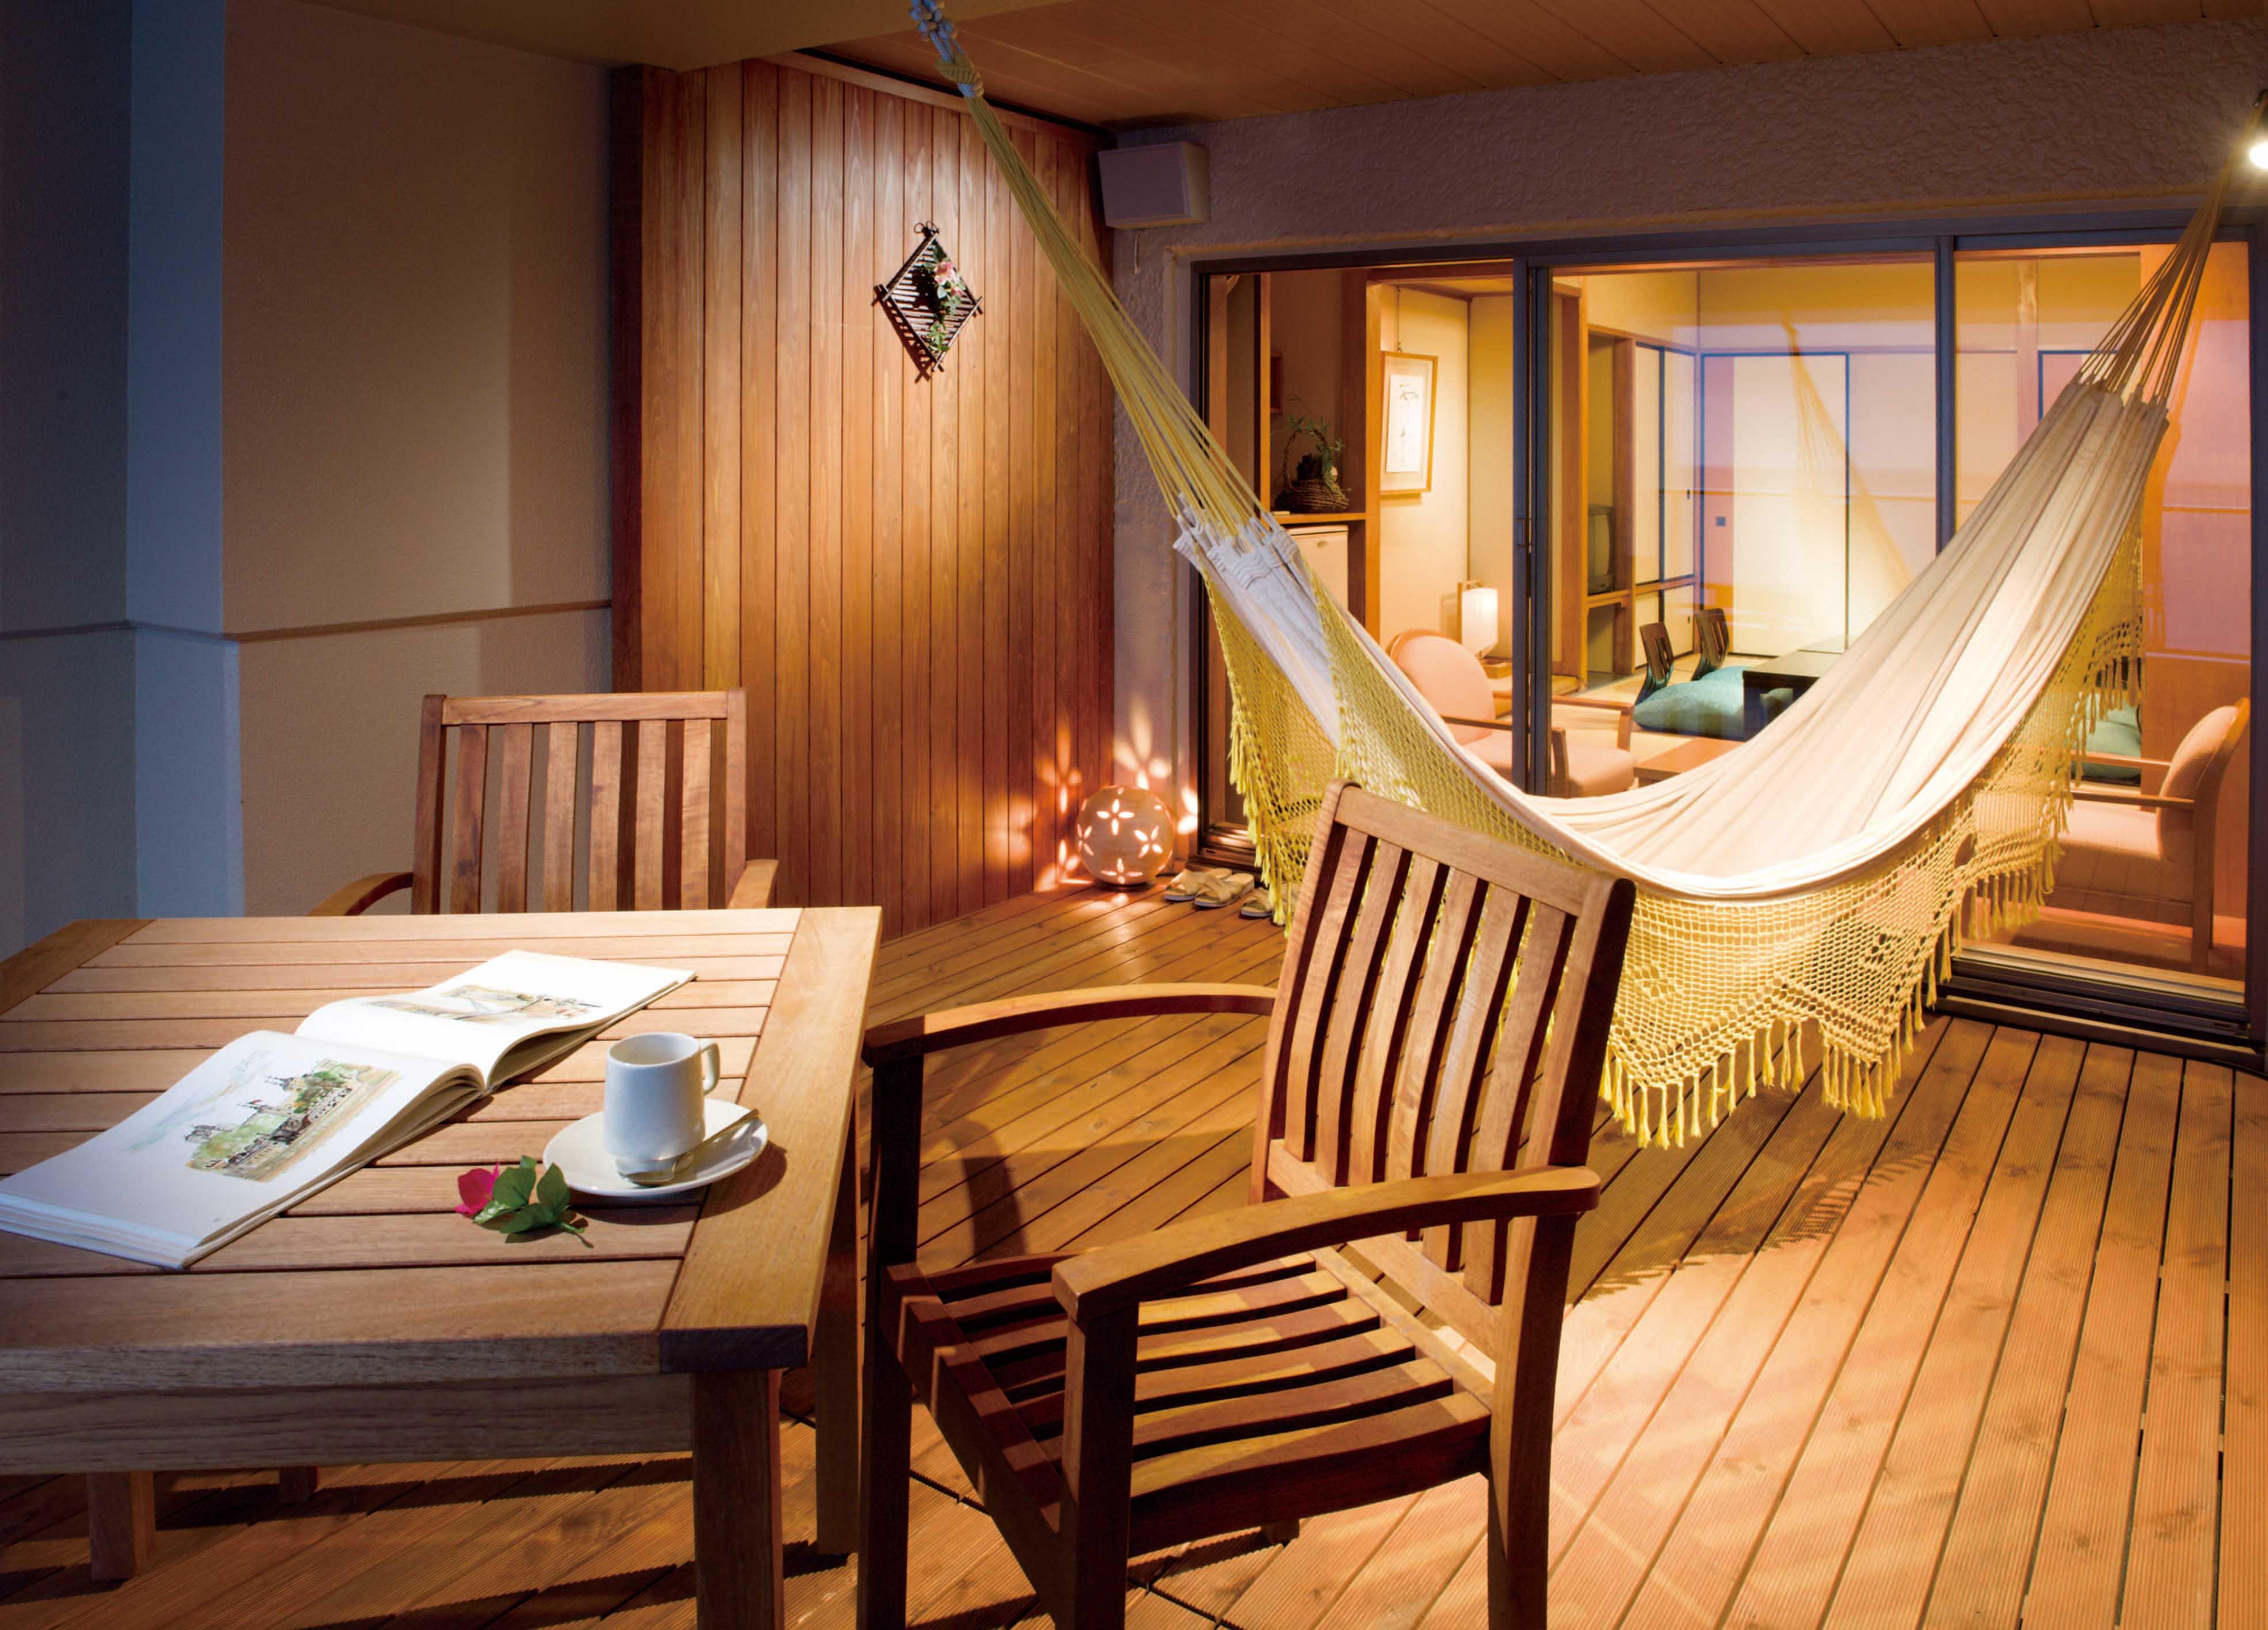 【お部屋食】お誕生日、記念日にもおすすめ♪ 憧れの宿に泊まろう 熱海・伊豆 会席料理プラン 展望デッキテラス付き和室